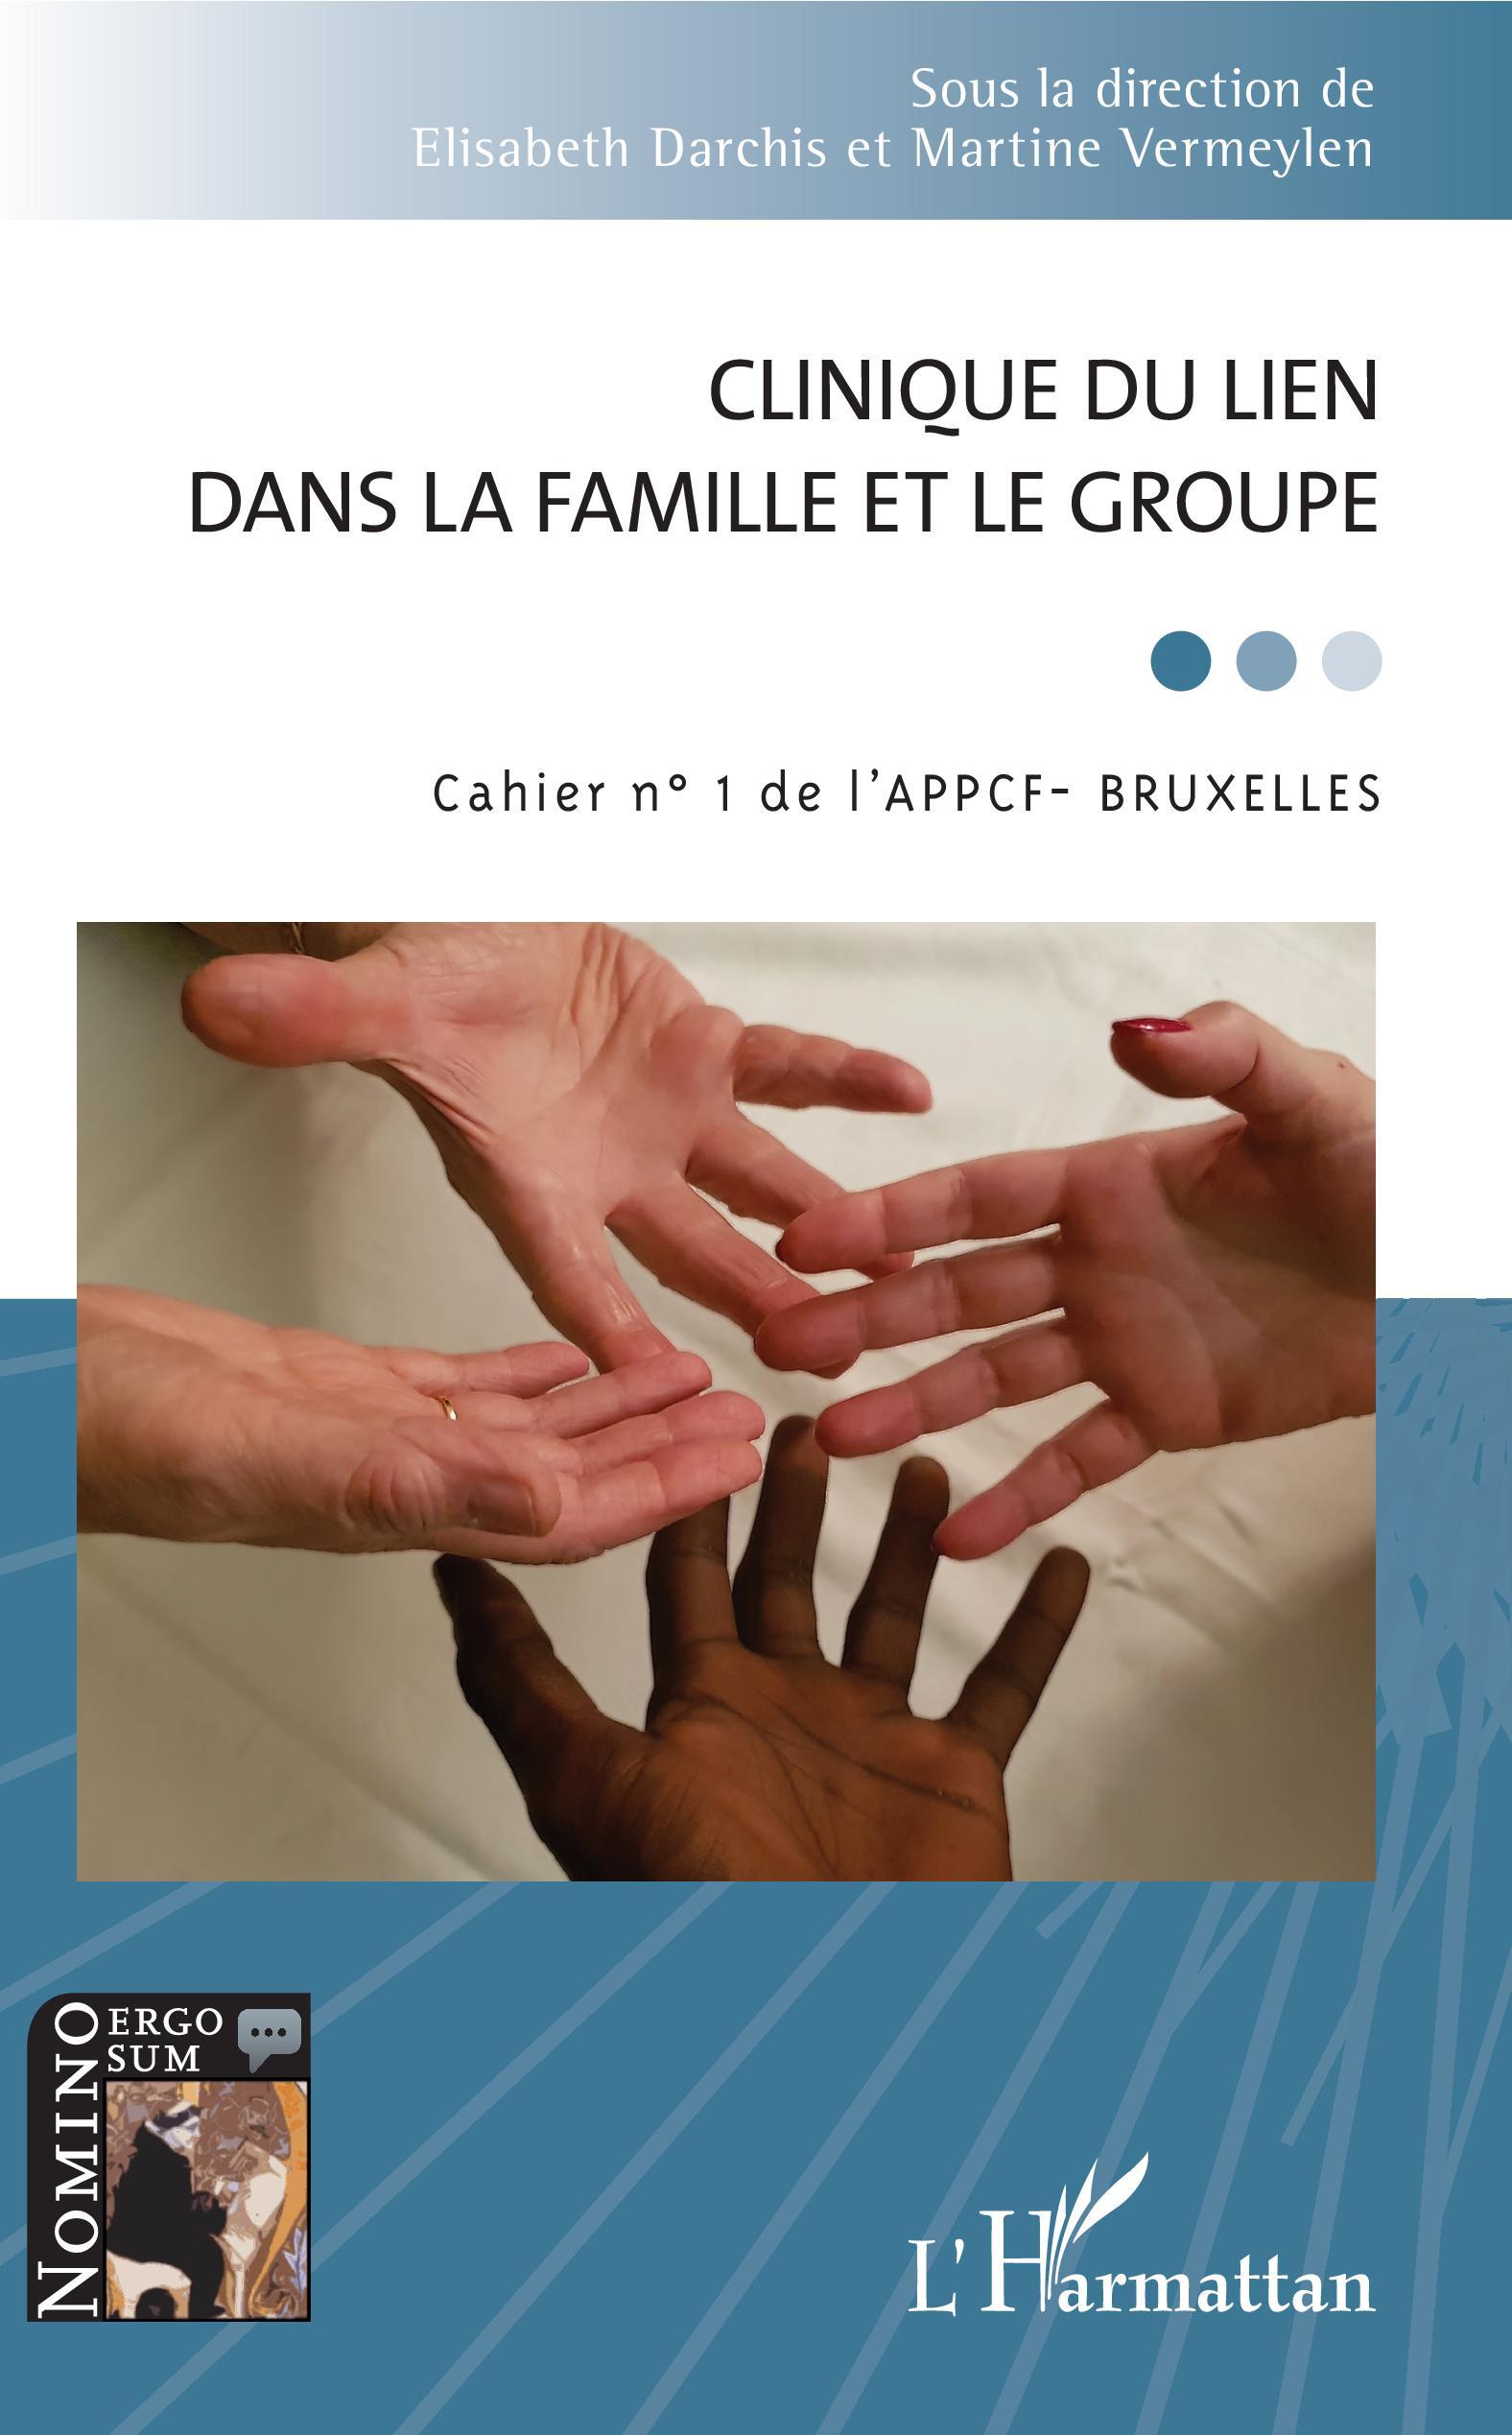 Clinique Du Lien Dans La Famille Et Le Groupe Cahier N 1 De L Appcf Bruxelles Sous La Direction De Elisabeth Darchis Et Martine Vermeylen Livre Ebook Epub